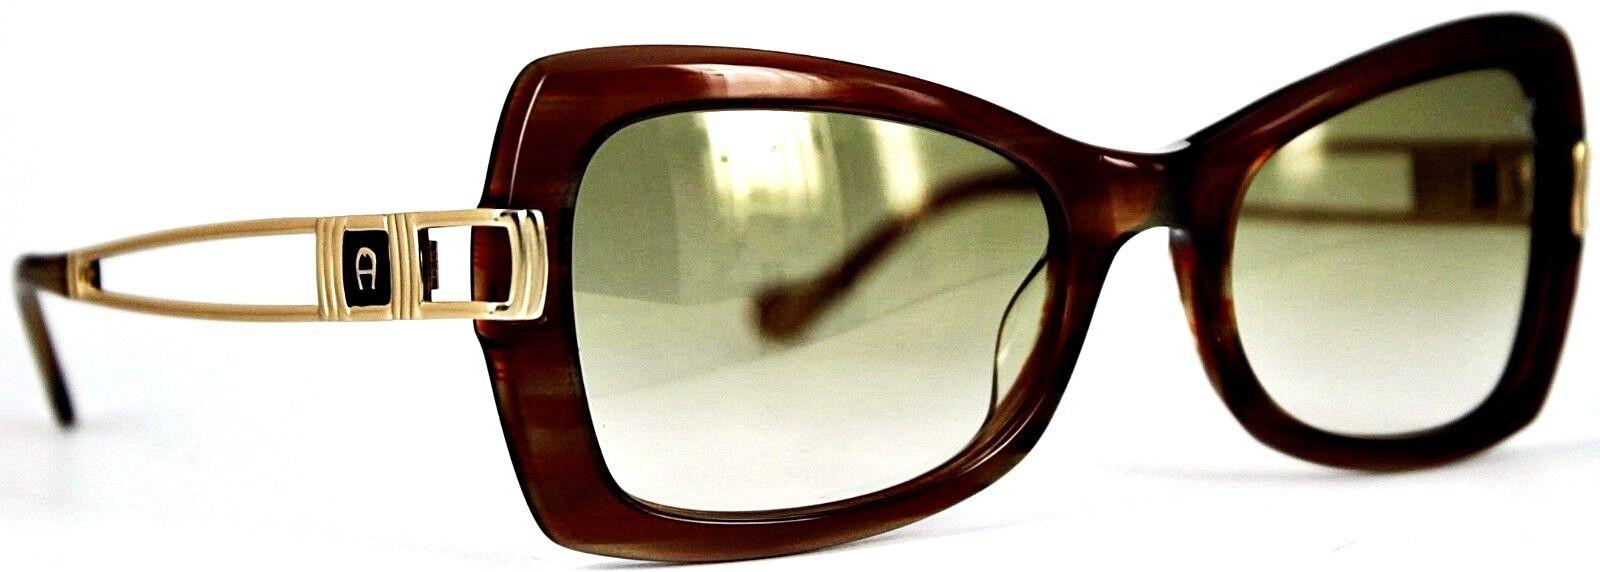 Aigner señora gafas de sol mod EA 810 136 marrón estampadas 249 36